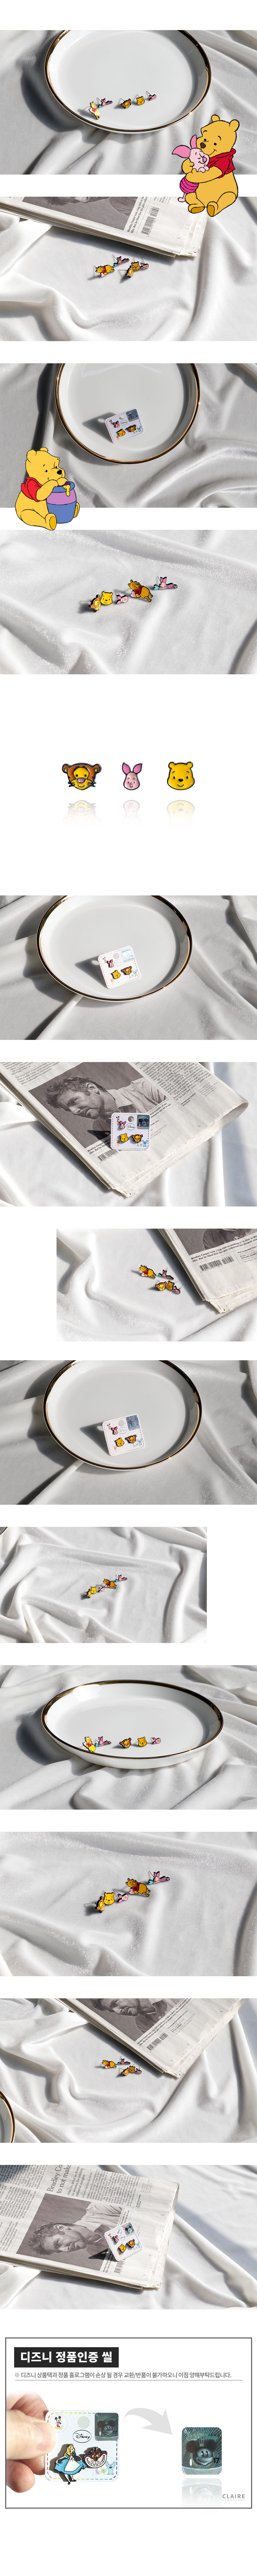 디즈니캐릭터귀걸이 곰돌이푸 얼굴3pcs  은침귀걸이 - 클레어쥬얼리, 15,500원, 진주/원석, 볼귀걸이